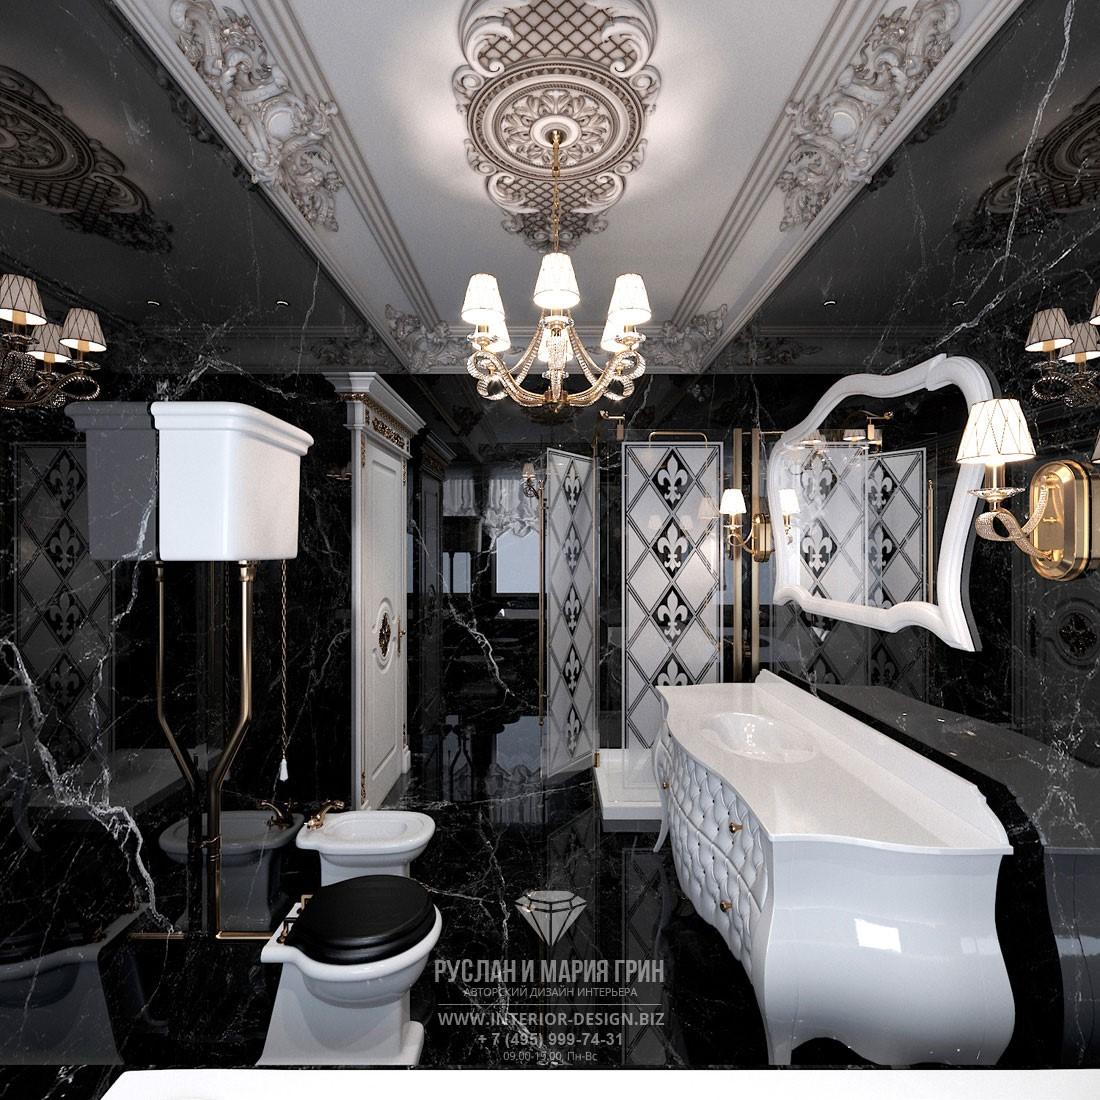 Дизайн классической ванной комнаты в черном мраморе